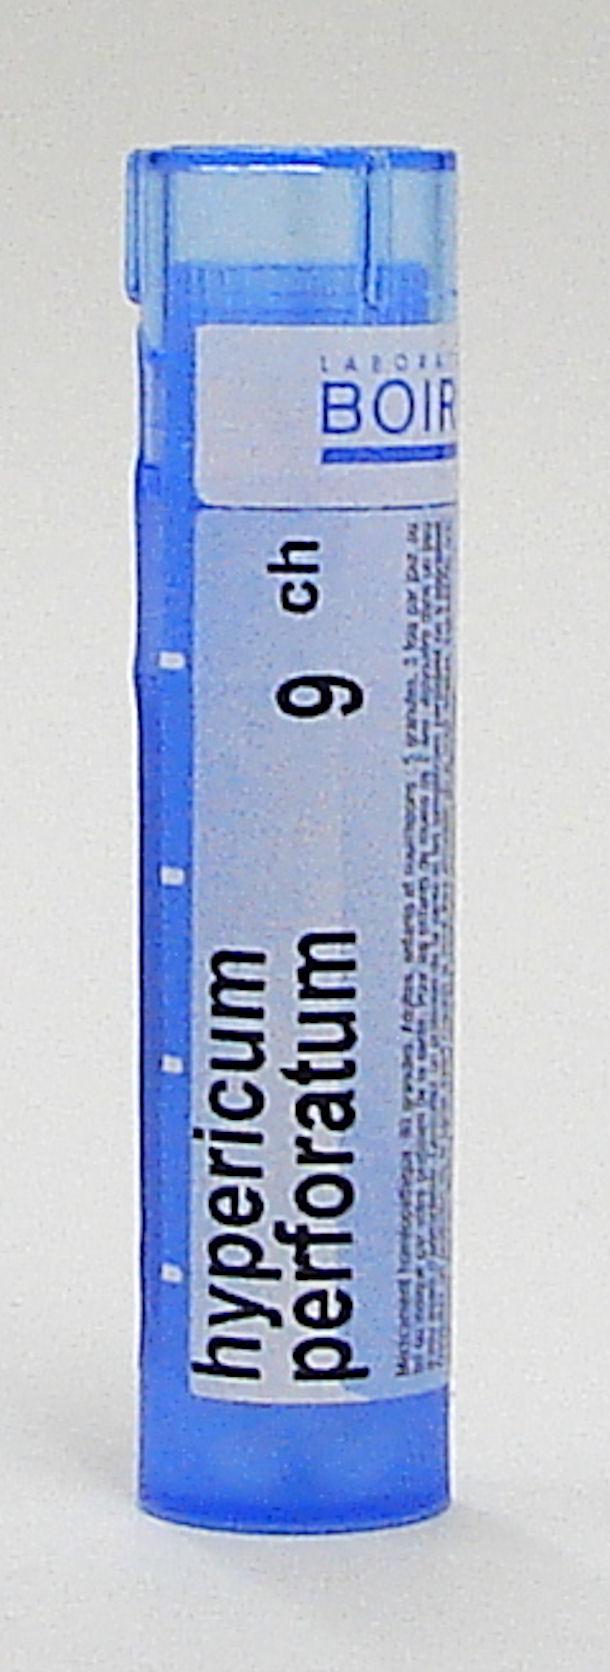 hypericum perforatum 9ch sublingual pellets (boiron)